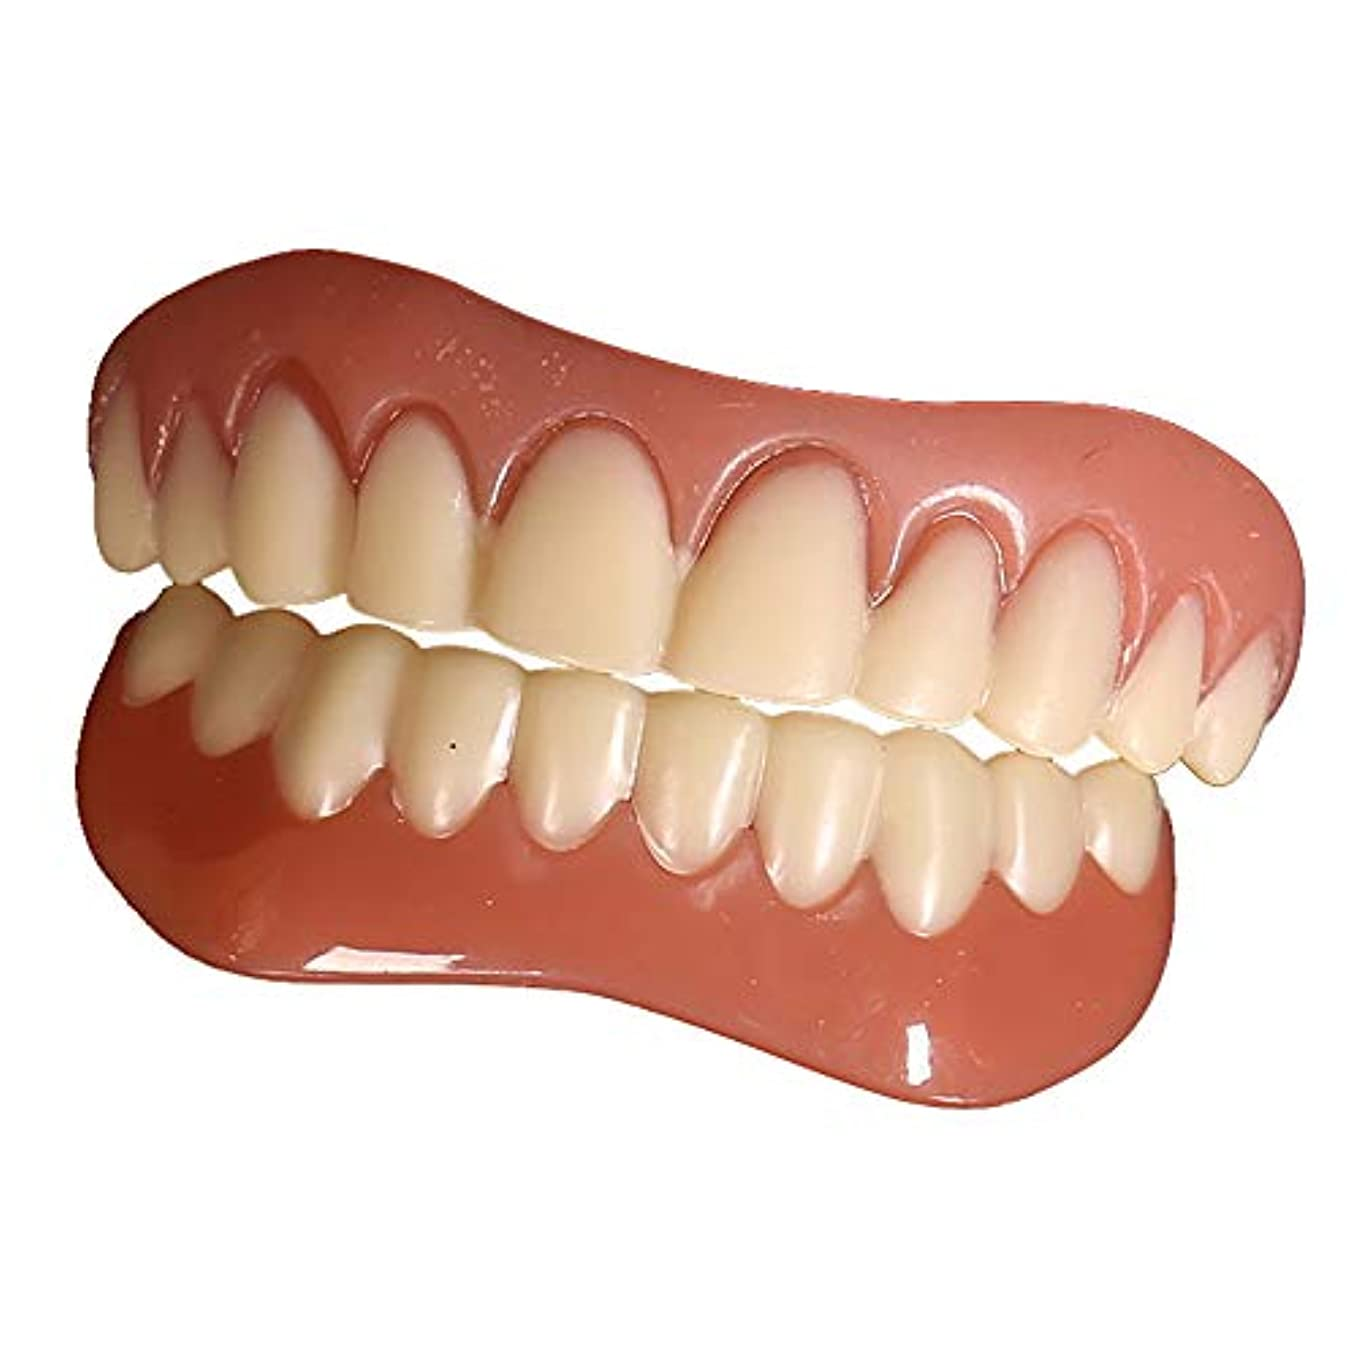 雨グリーンバックシードパーフェクトインスタントスマイルティースベニアインスタント美容義歯上下歯2個入り(フリーサイズ(中)